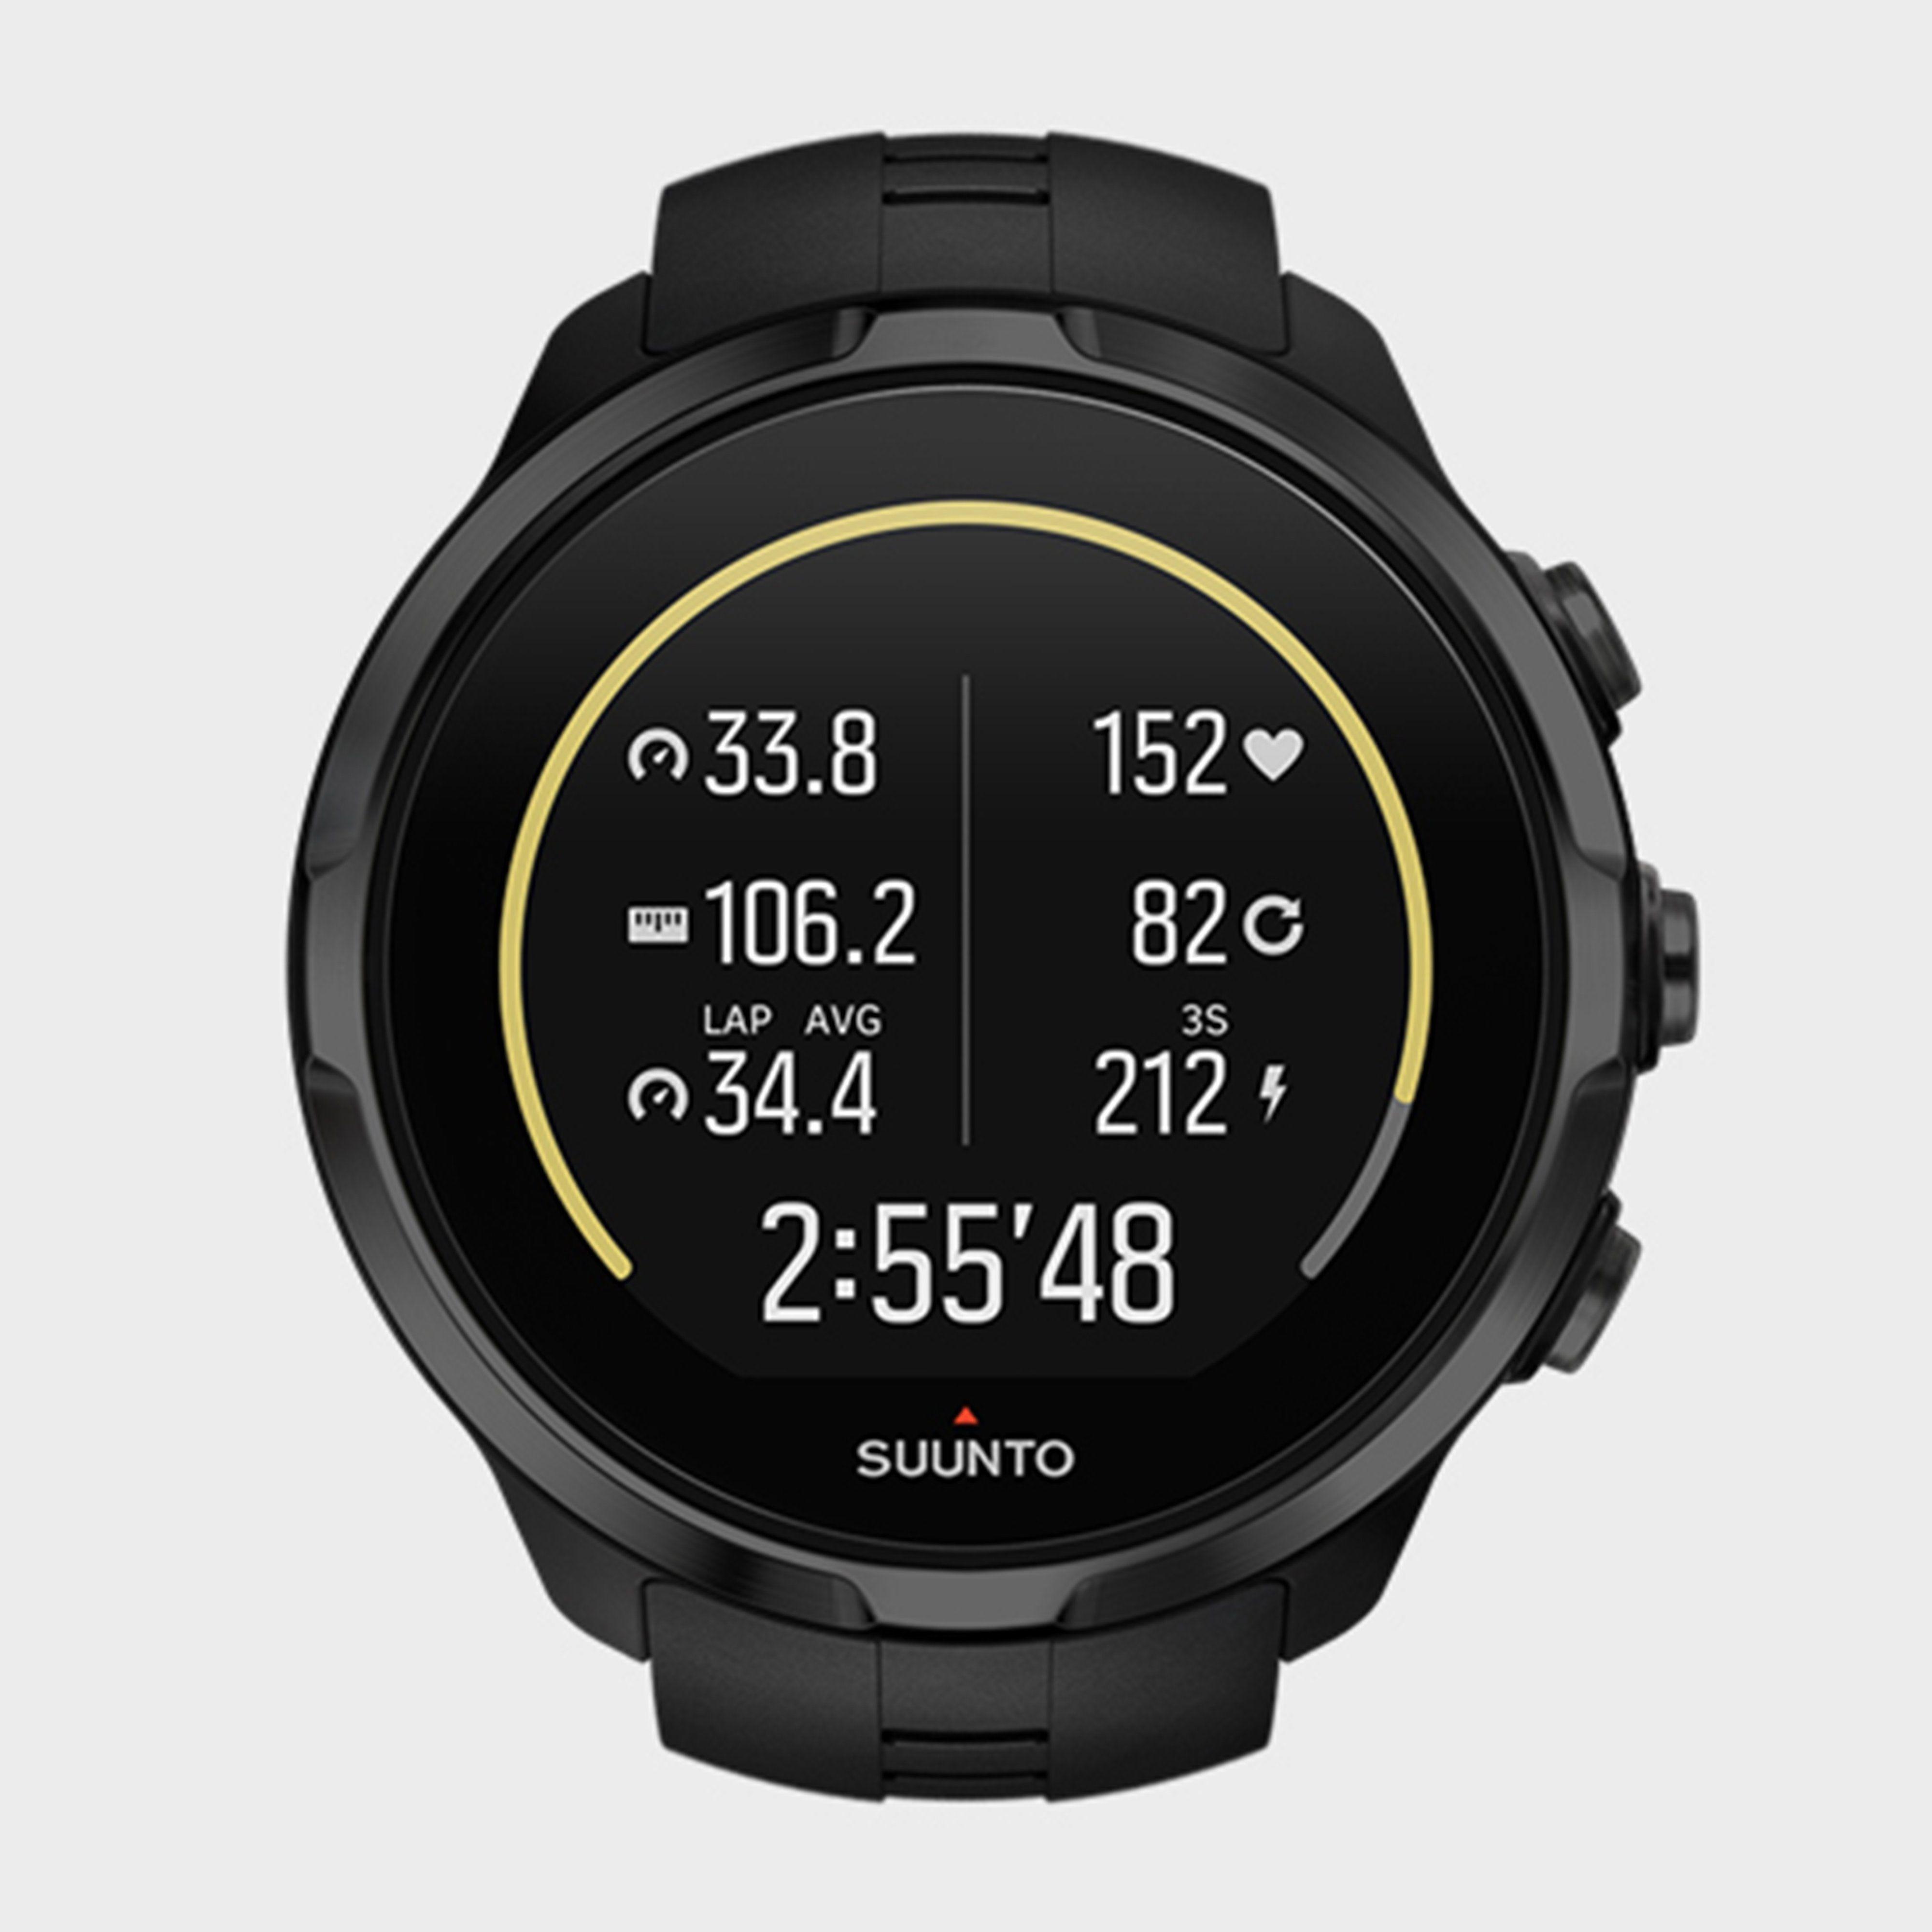 SUUNTO Spartan Sport HR Watch